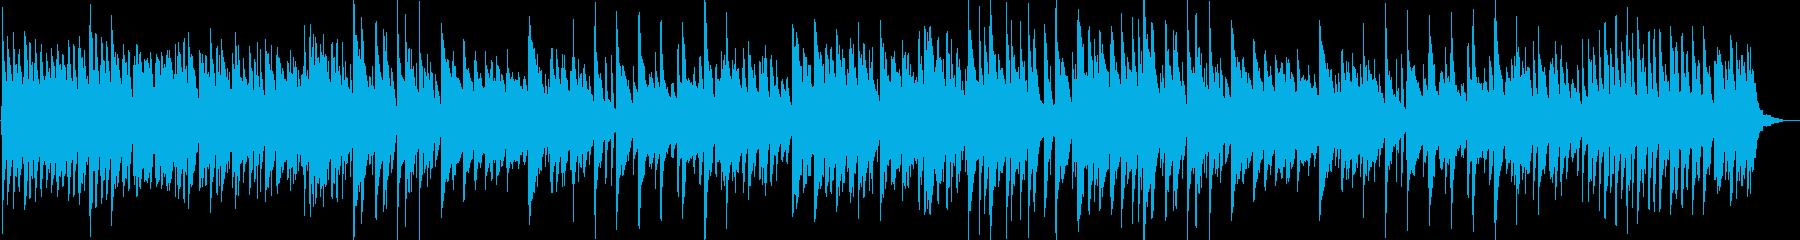 神秘的・幻想的なピアノ曲の再生済みの波形